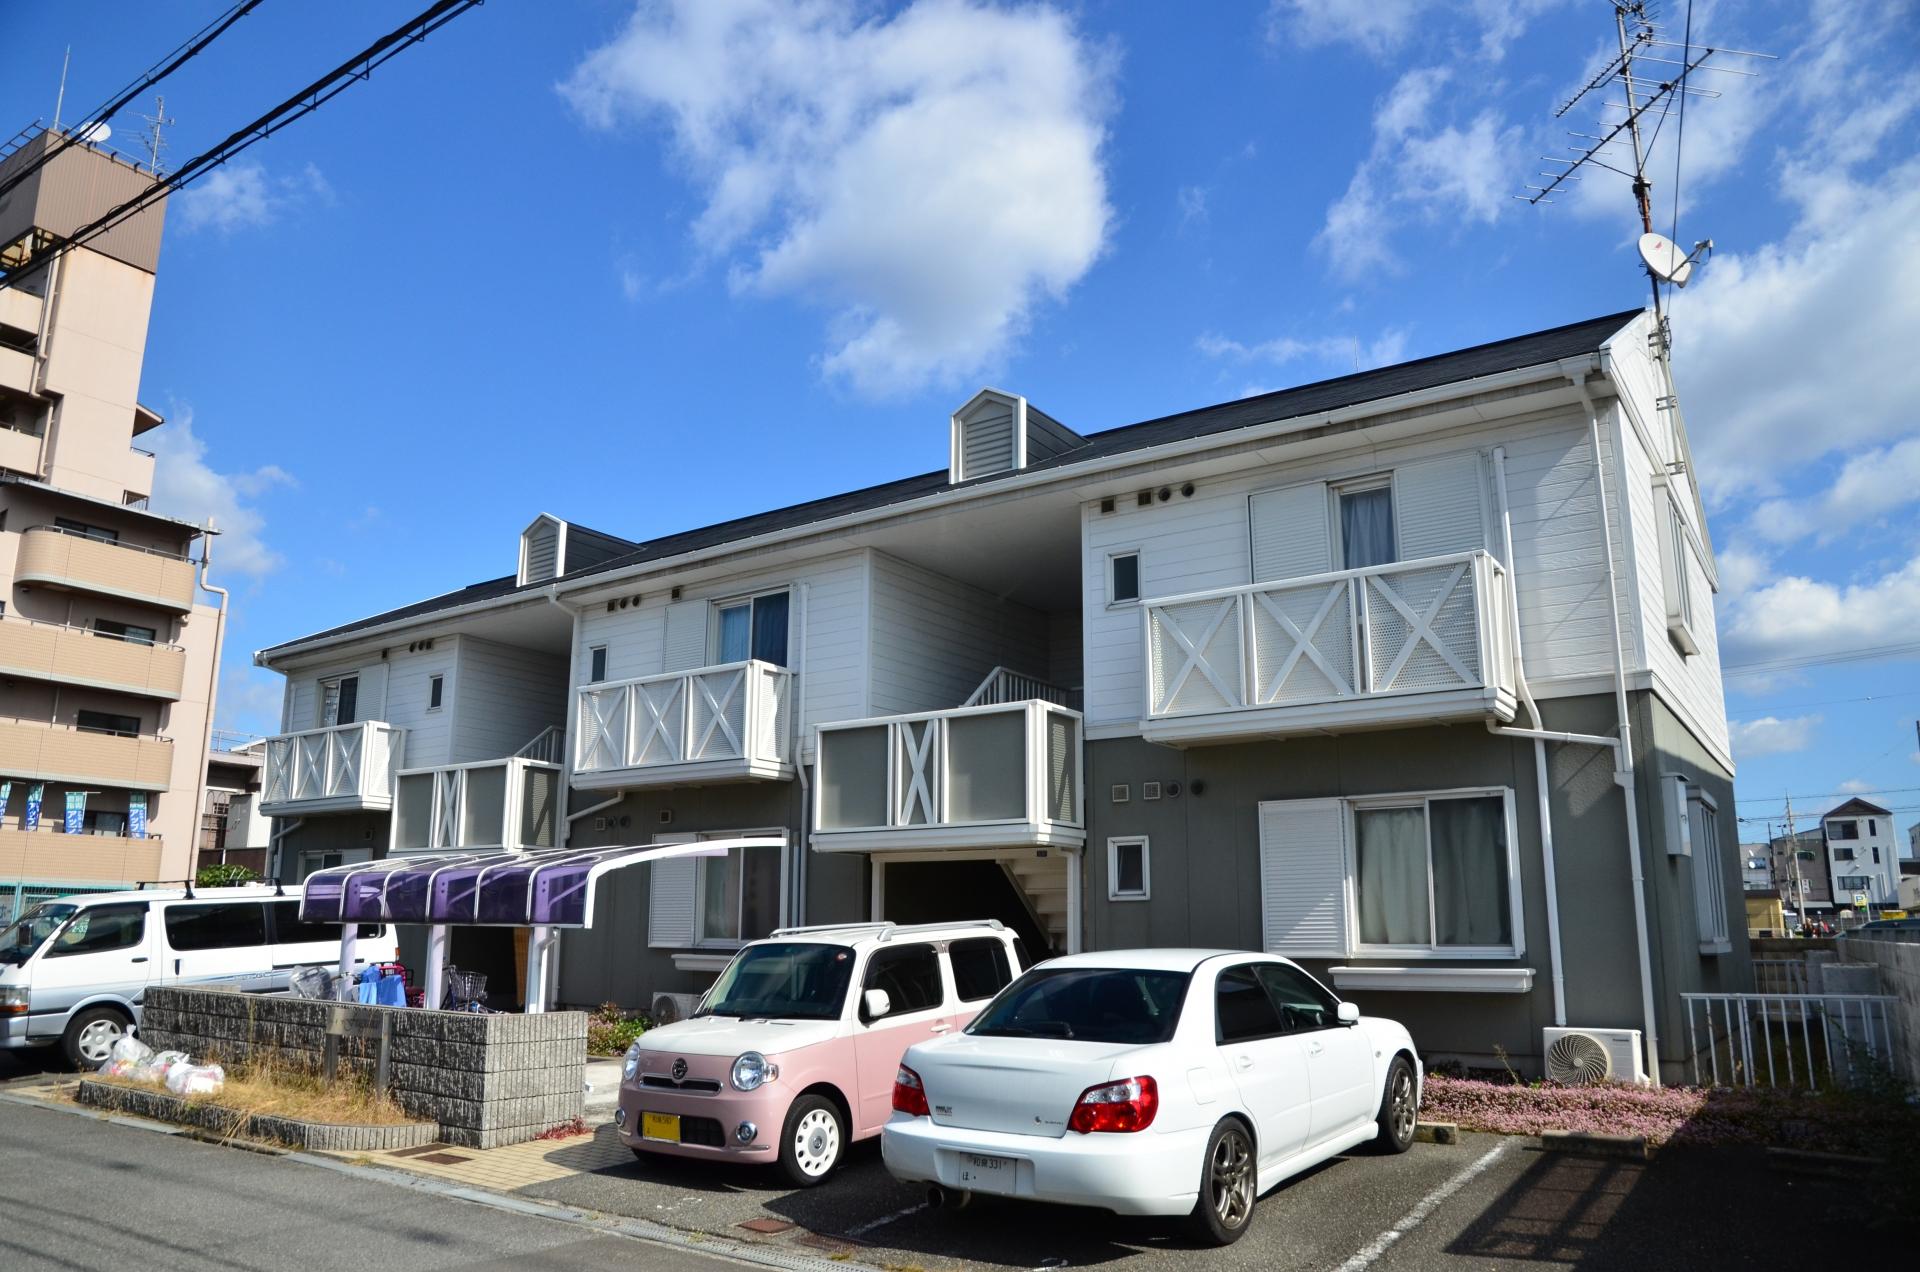 賃貸アパートやマンションのプロパンガス料金が高いのはなぜ?